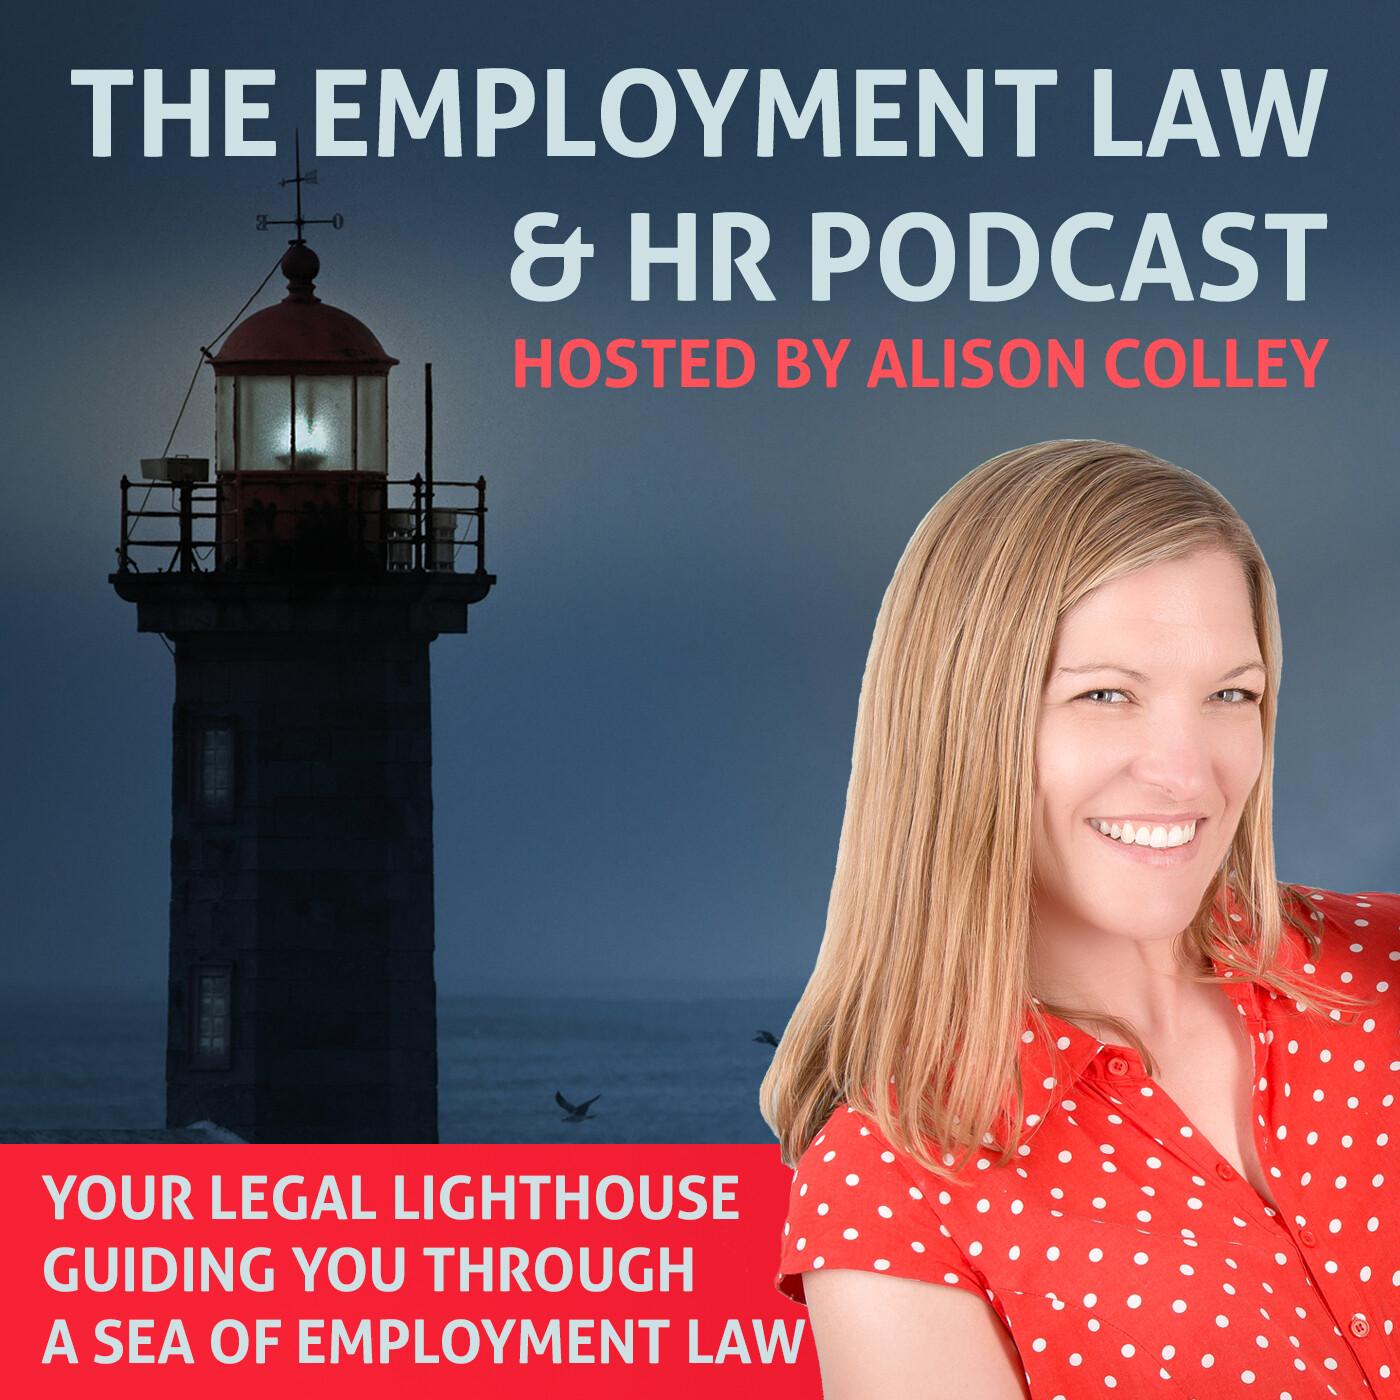 National Minimum Wage & Constructive Dismissal Claim: Episode 96